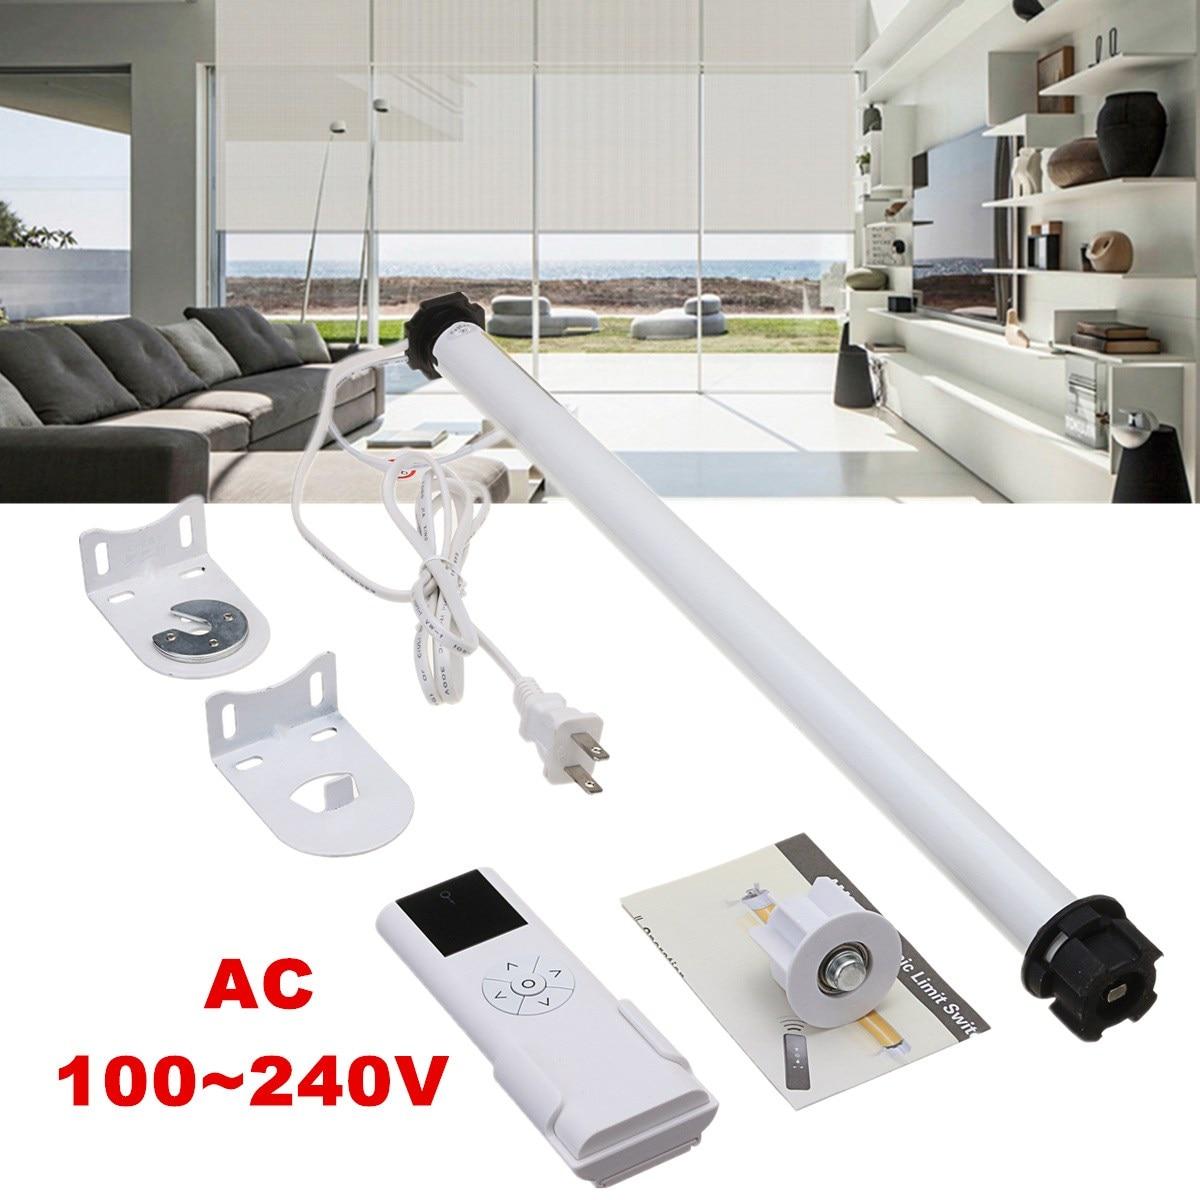 AC 100-240 V DIY Rullo Ombra Tubolare 25mm Motore Elettrico con Telecomando Decorazione Della Casa per Tenda ombra Tende A Rullo